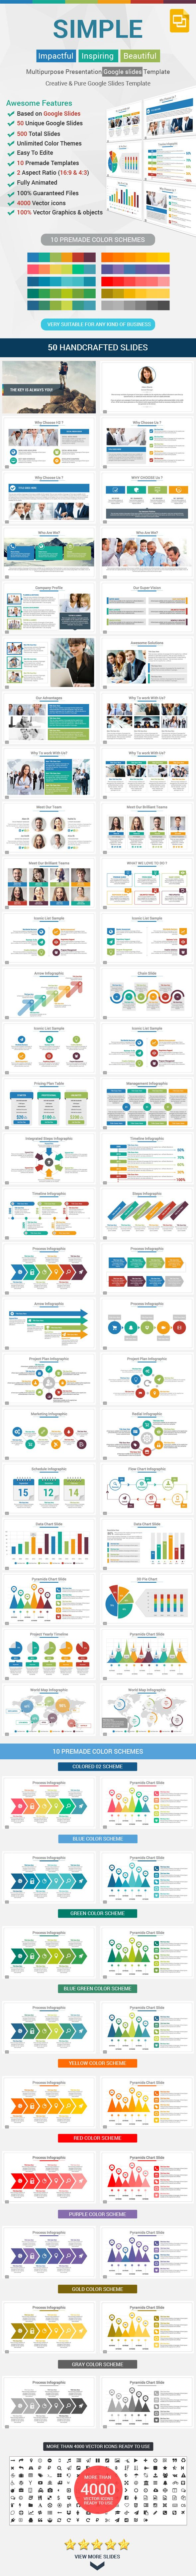 Simple Google Slides Presentation Template #design #slides Download: http://graphicriver.net/item/simple-google-slides-presentation-template/12721274?ref=ksioks